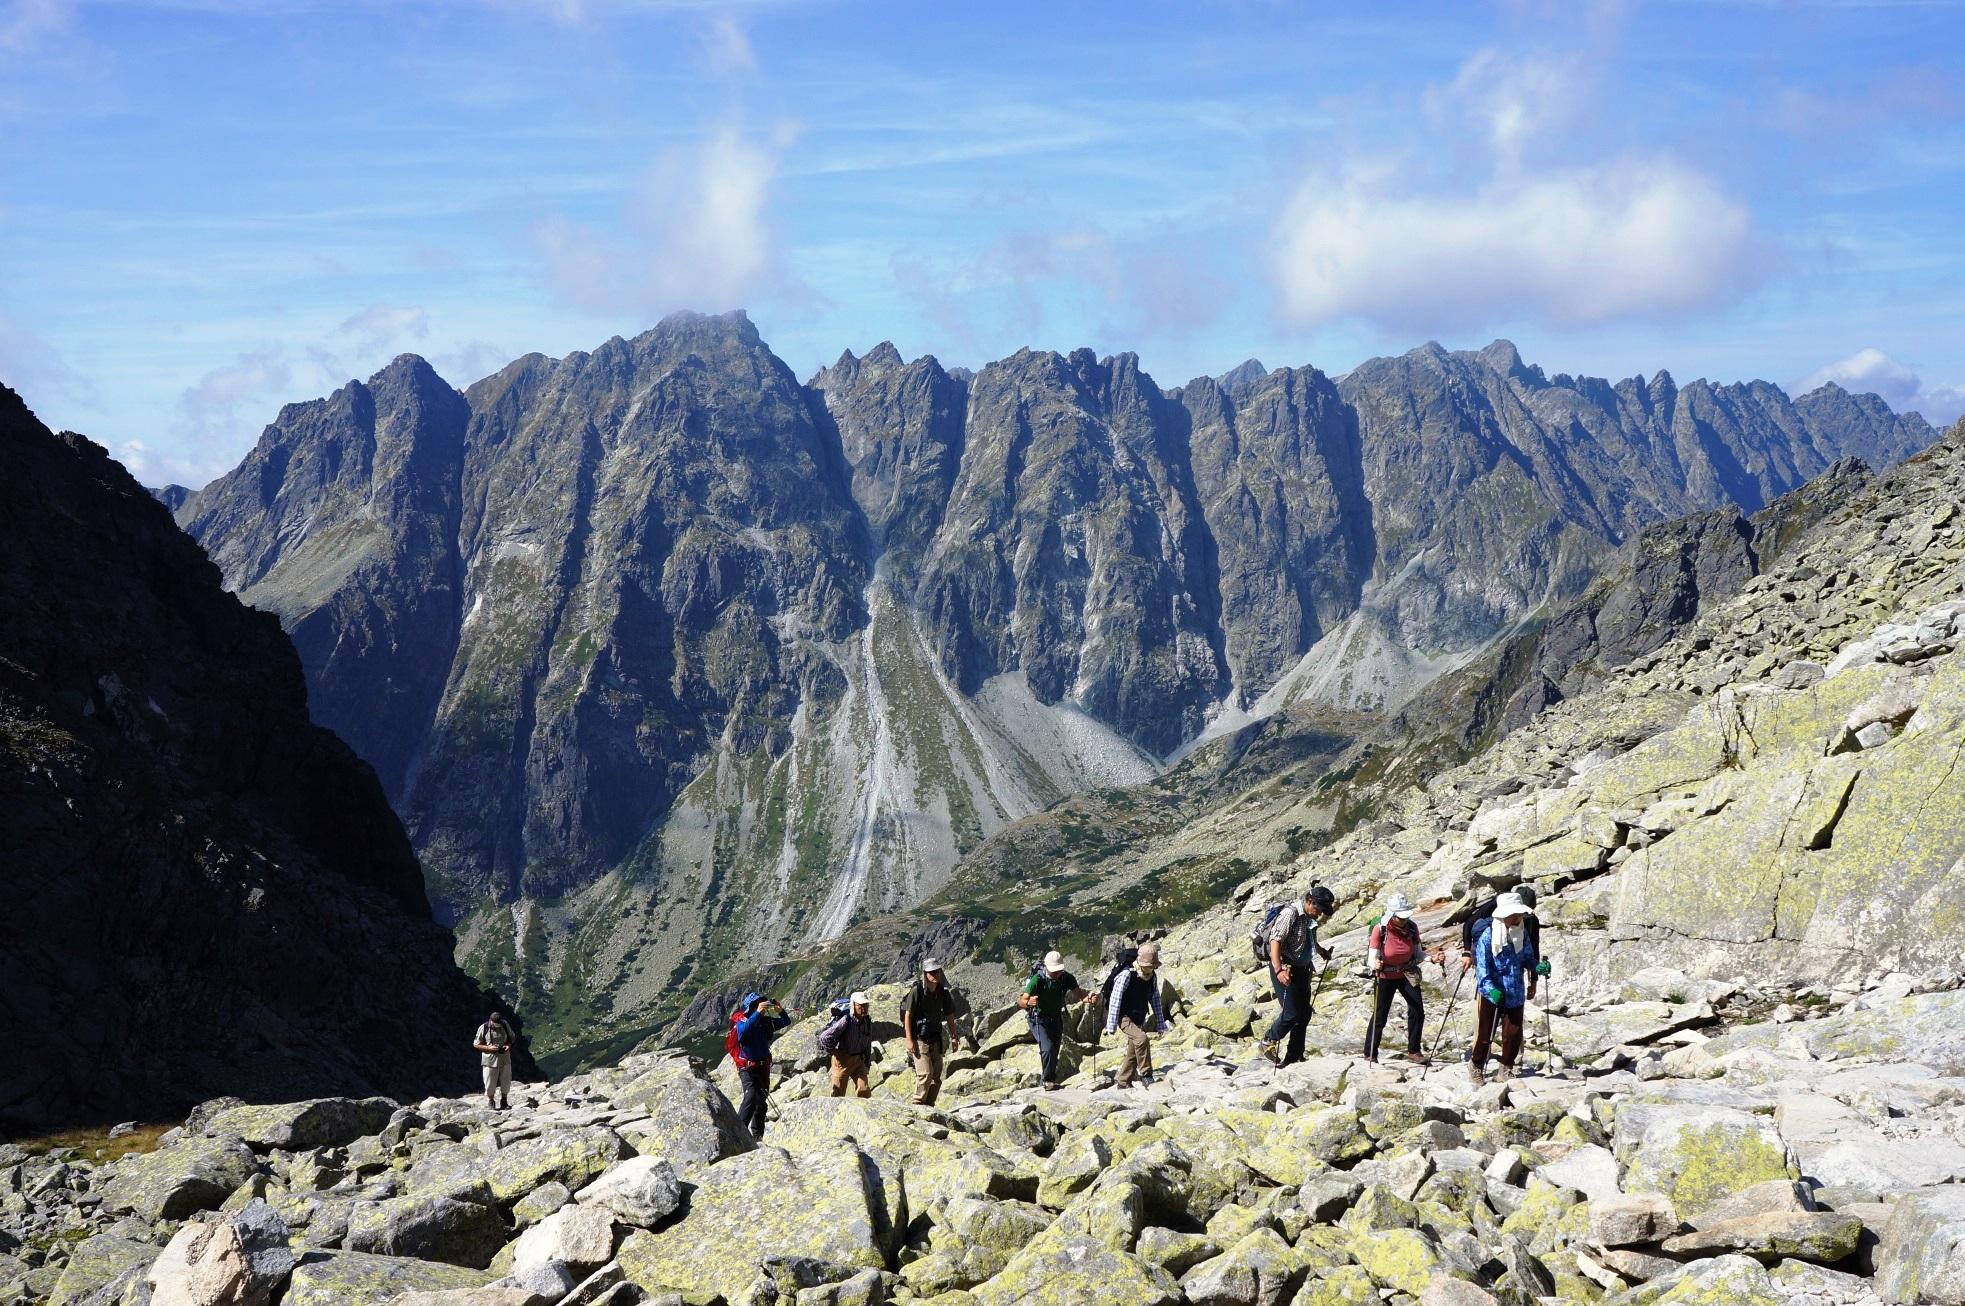 ポーランド最高峰リシィ山登頂と世界遺産の古都クラクフ 8日間